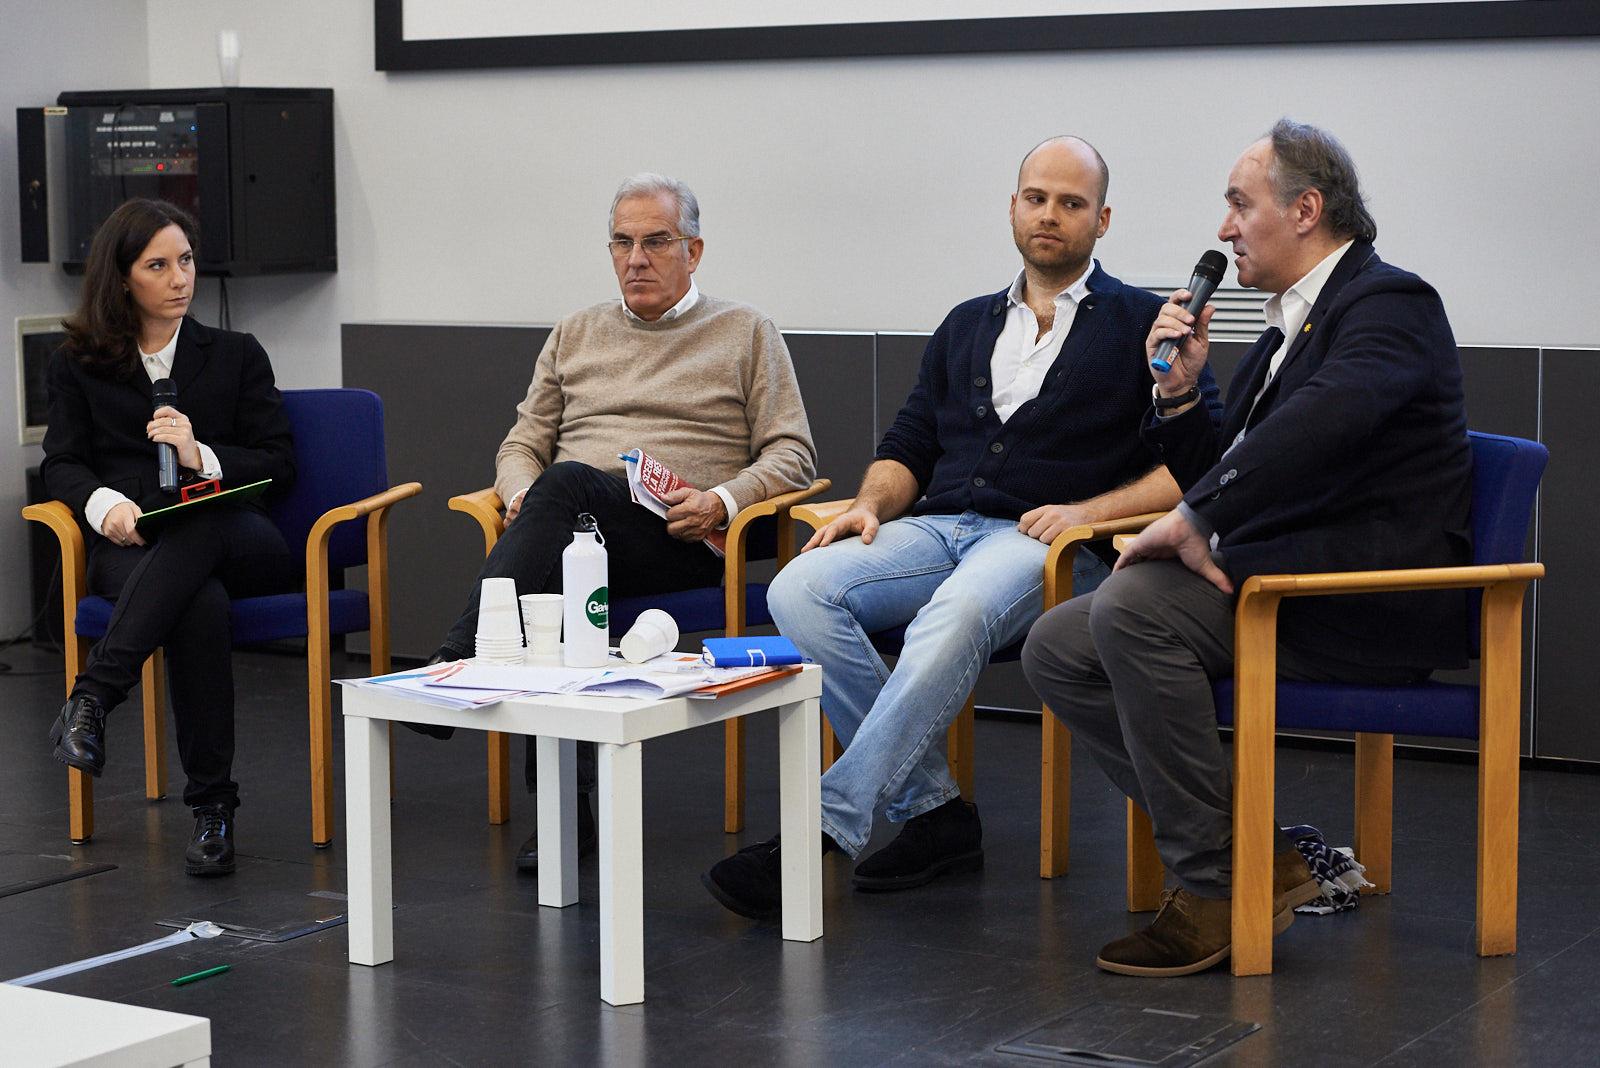 """Massimiliano Castellani, giornalista e autore del libro """"Un calcio al razzismo. 20 lezioni contro l'odio"""" (Giuntina)"""